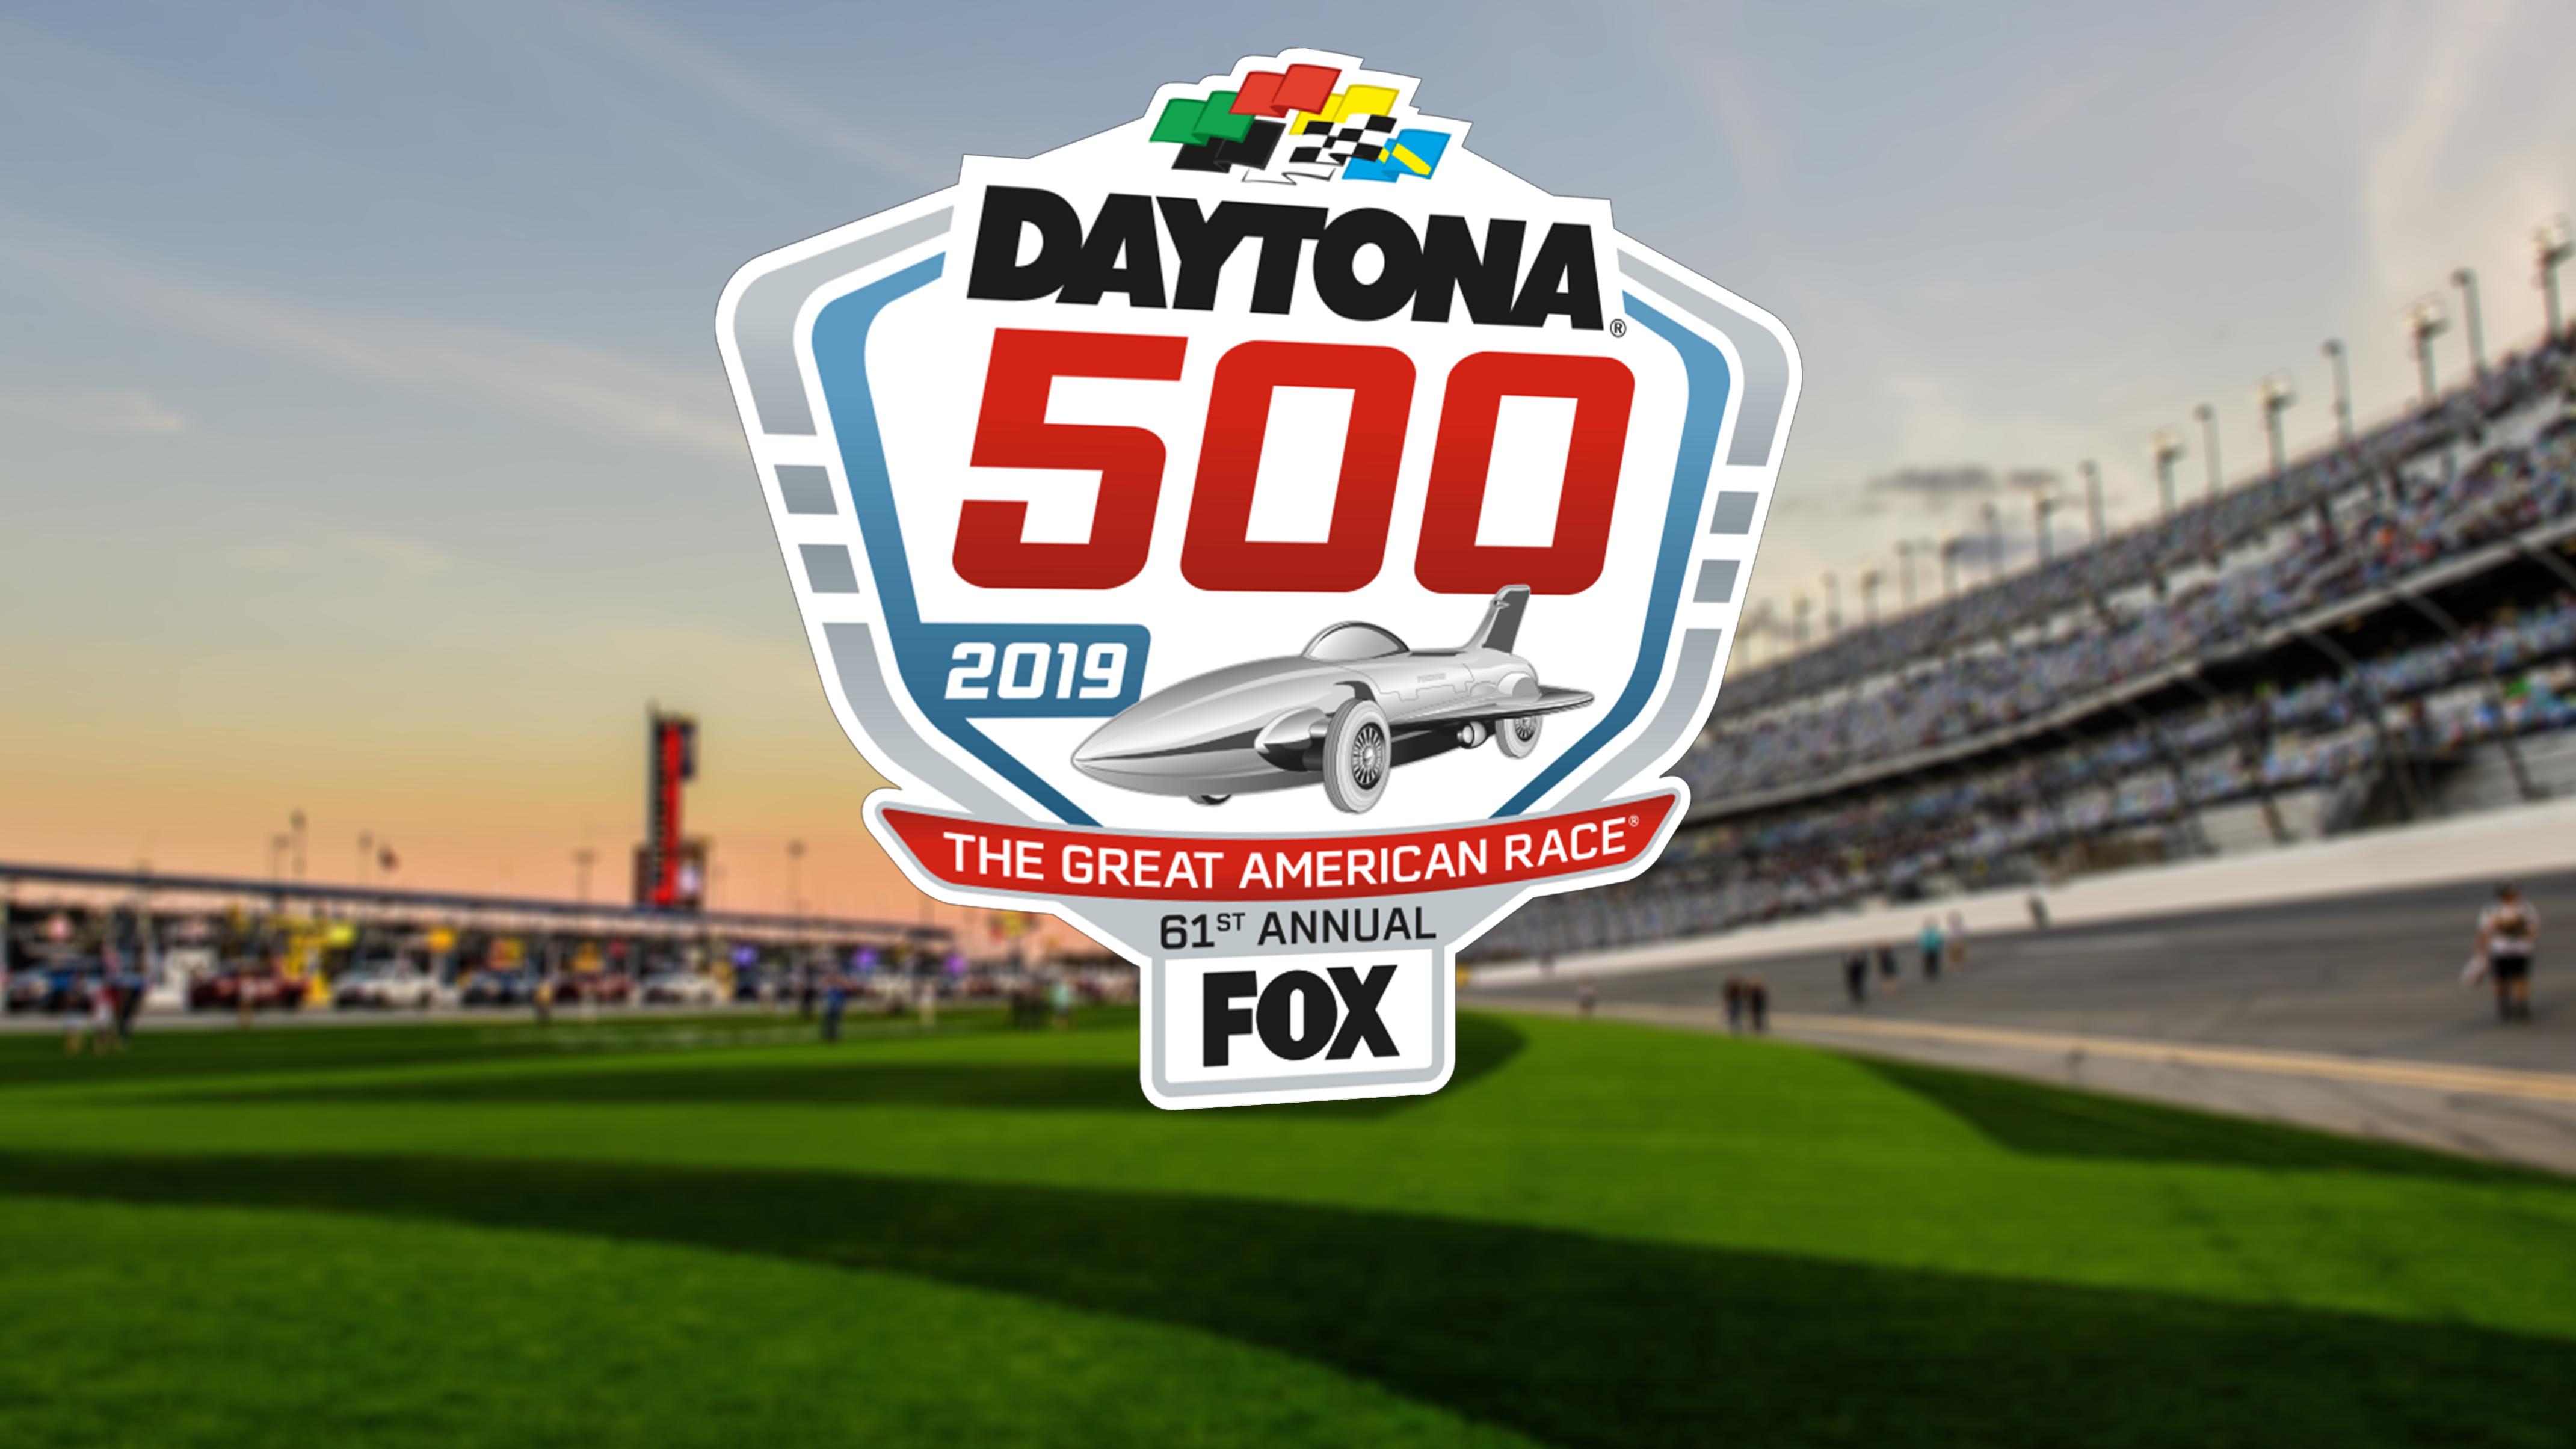 2020 Daytona 500 Logo Png